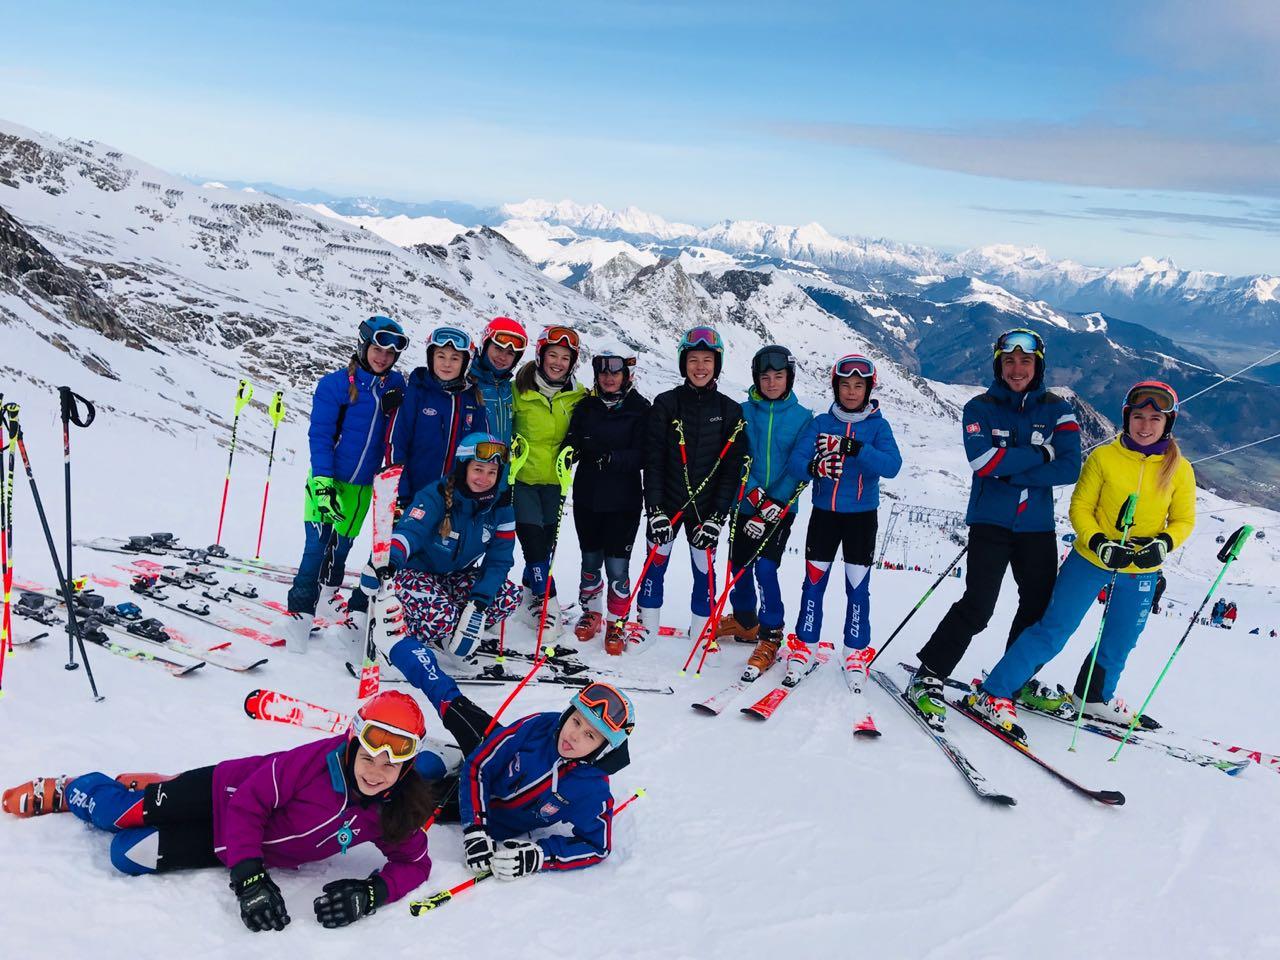 """da09a97f9 ... či učiteľky po absolvovaní lyžiarskeho kurzu. Dieťa by malo získať  dostatočné informácie, ktoré možno ani rodič neovláda,"""" vysvetľuje trénerka."""